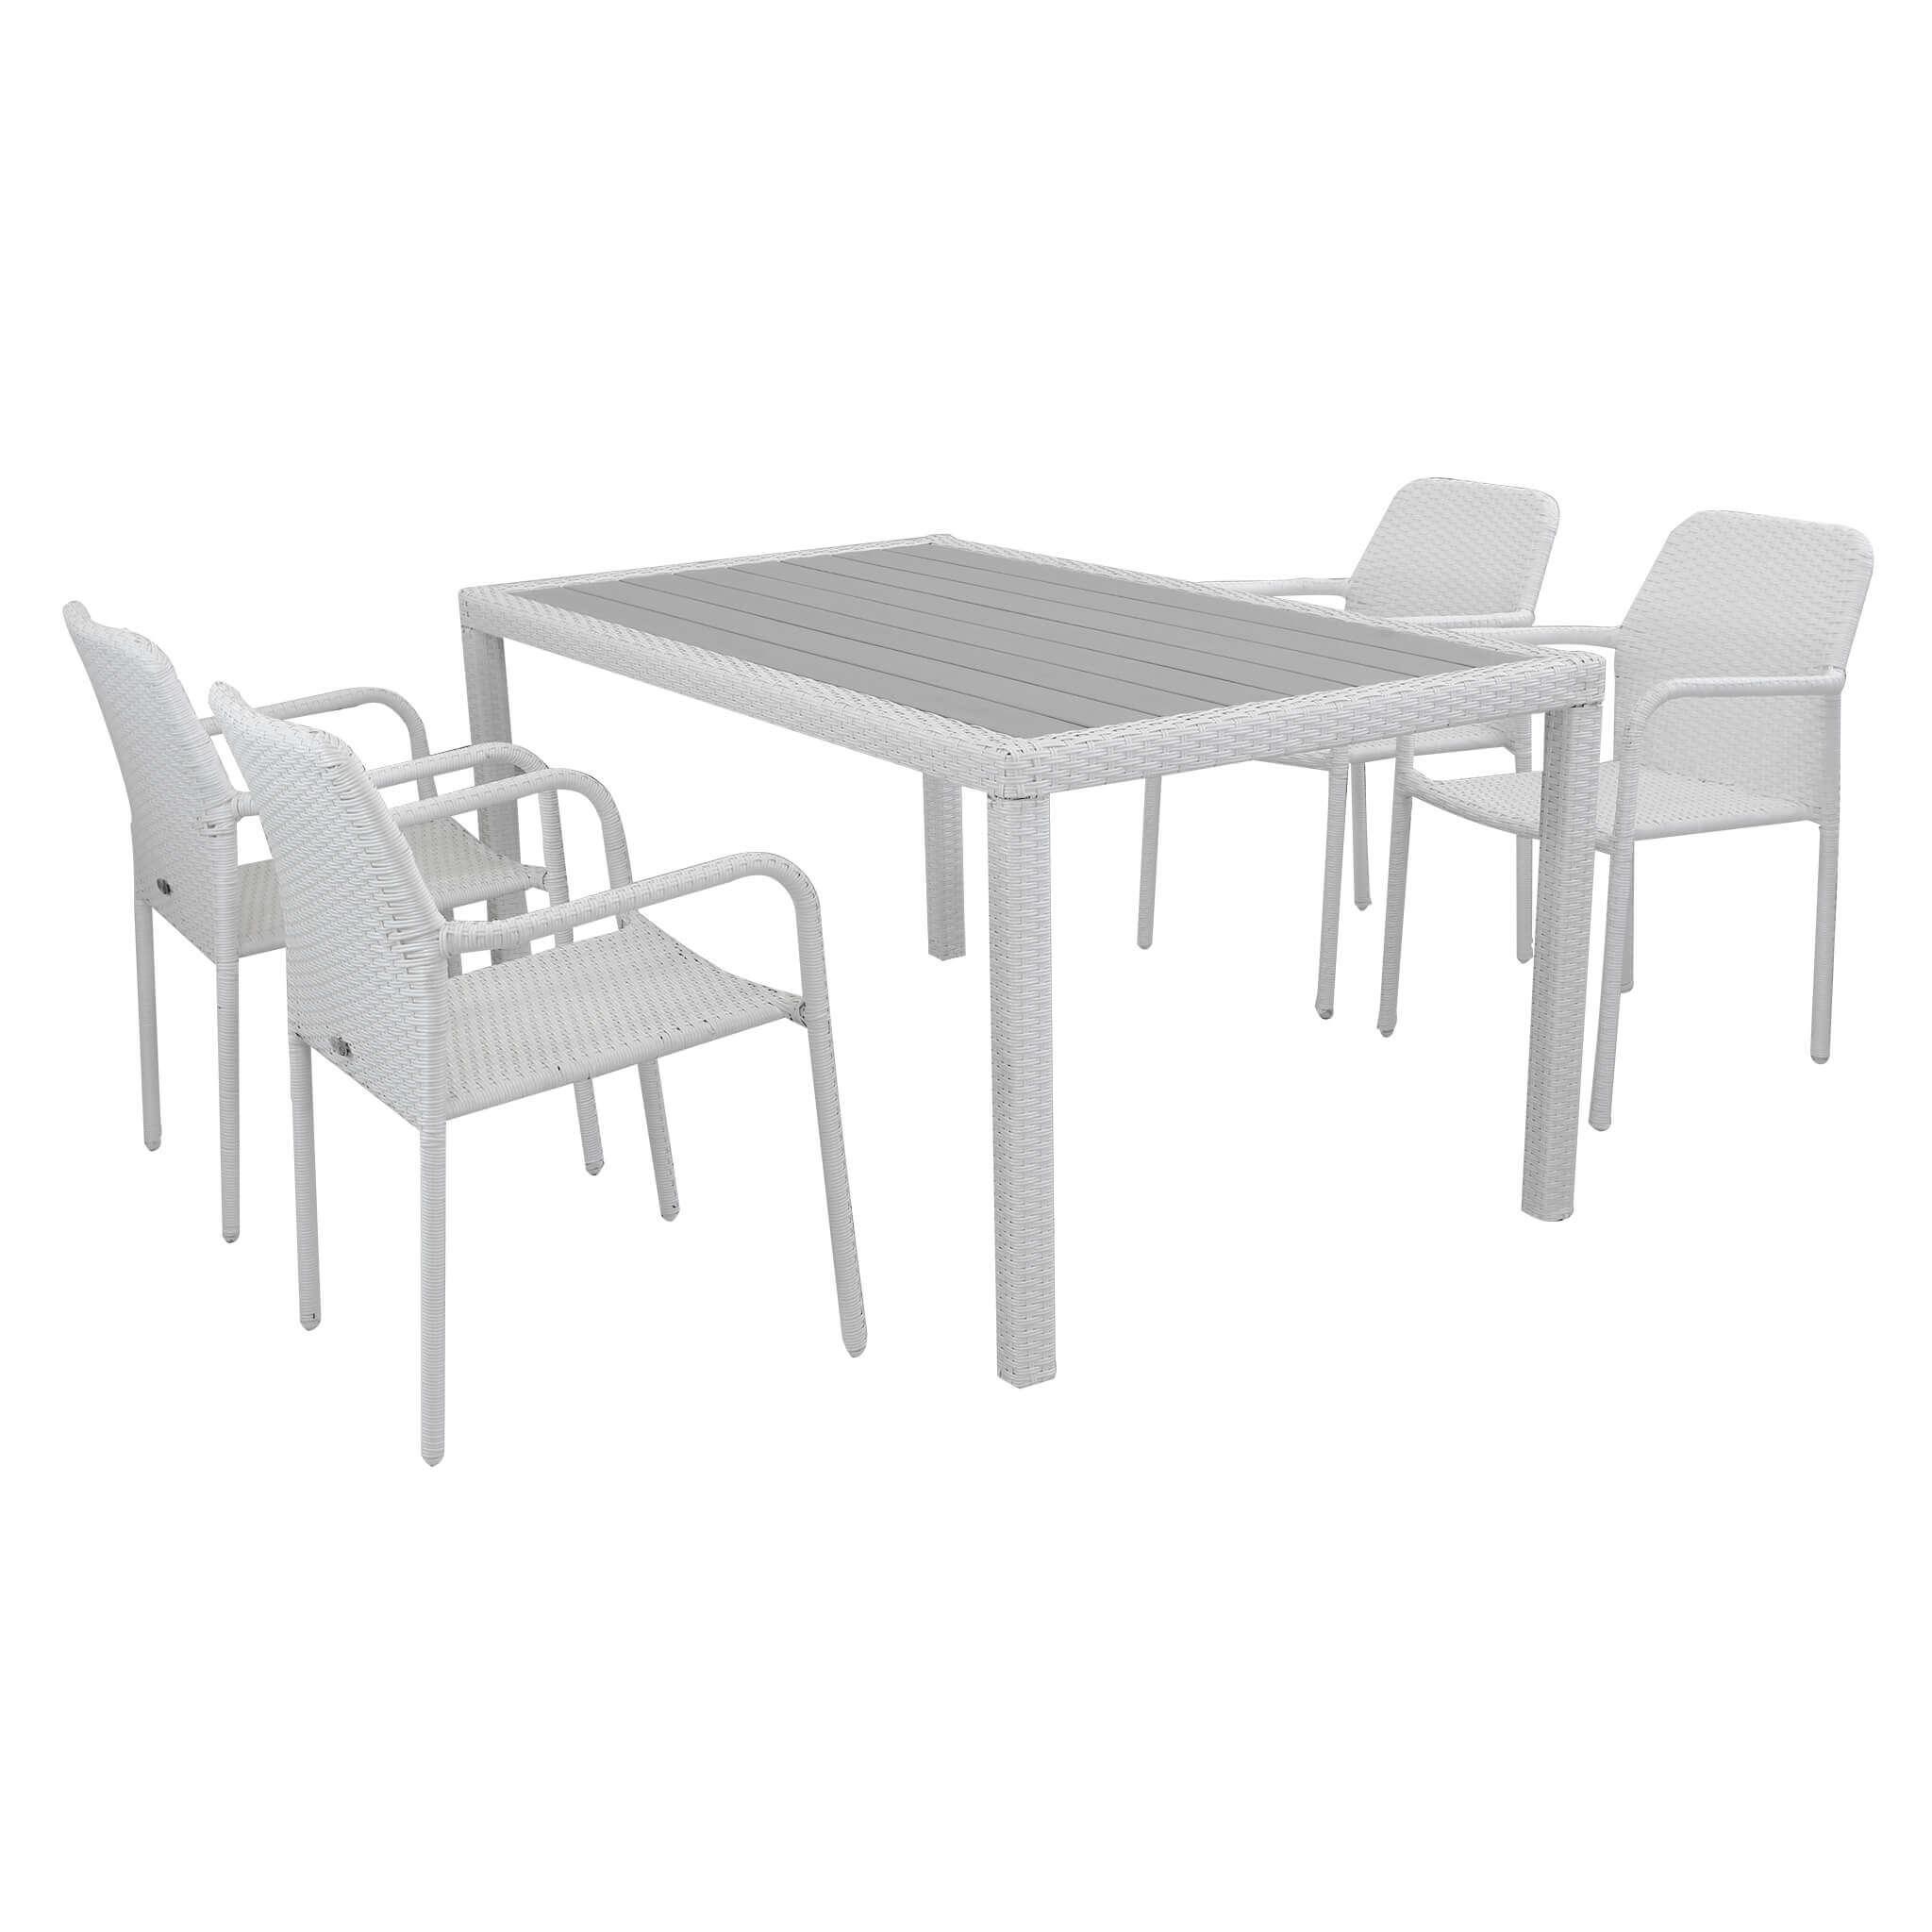 Milani Home AXOR - set tavolo da giardino con piano in polywood 150 x 90 compreso di 4 poltrone intreccio in rattan sintetico